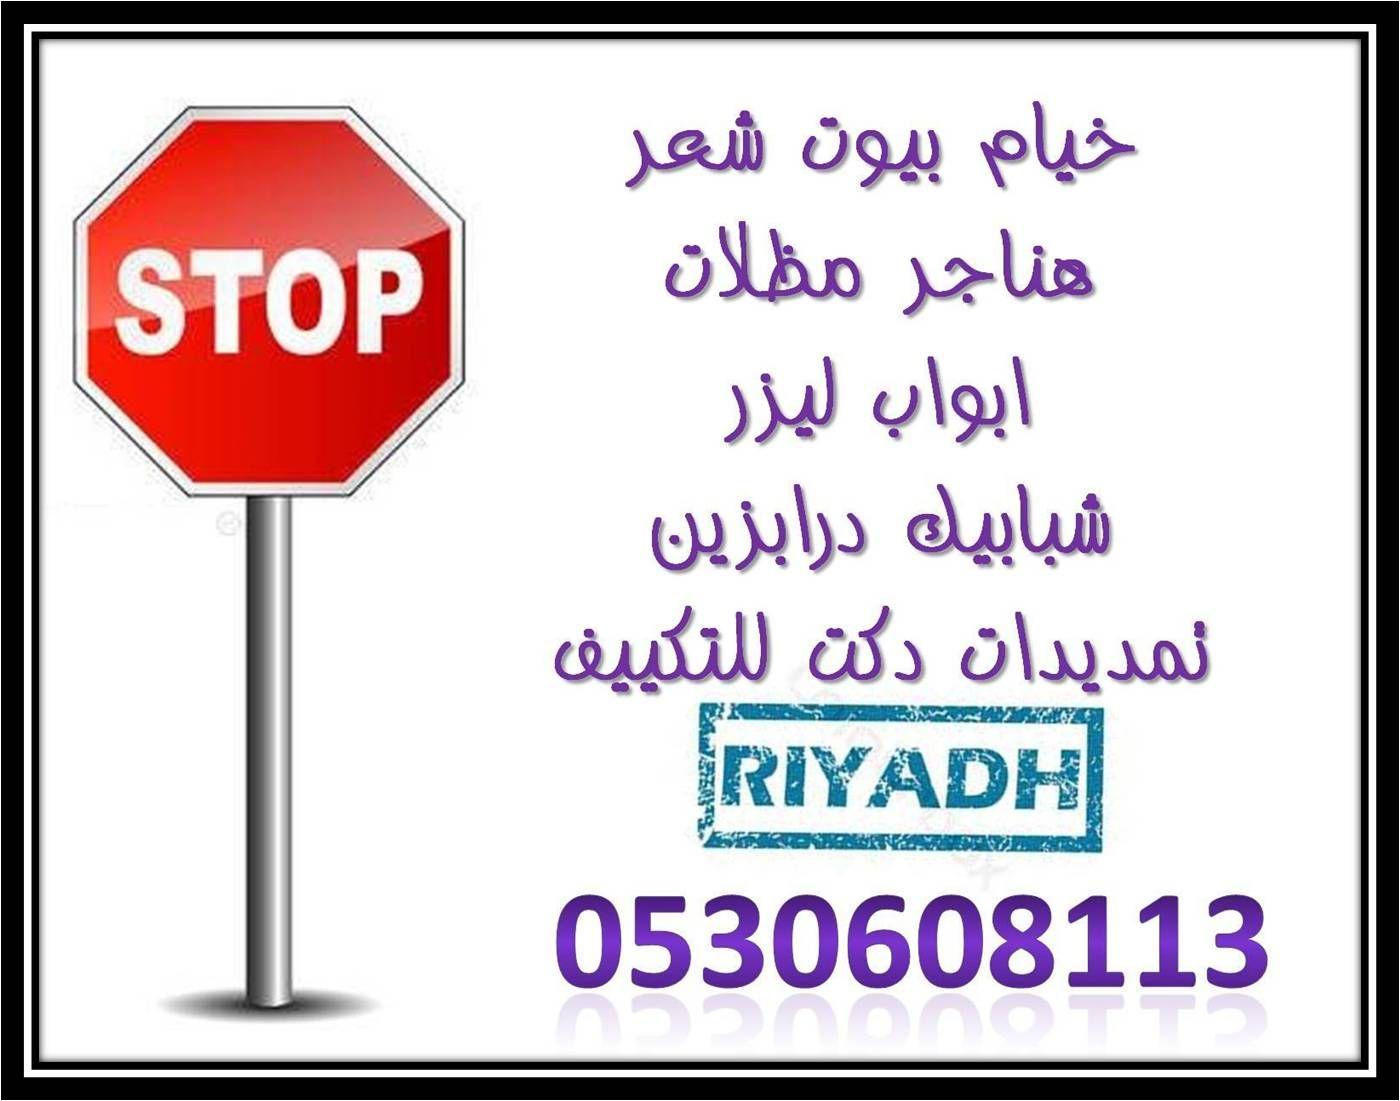 خيام بيوت شعر مظلات هناجر ابواب ليزر واجهات عماير 0530608113 Riyadh